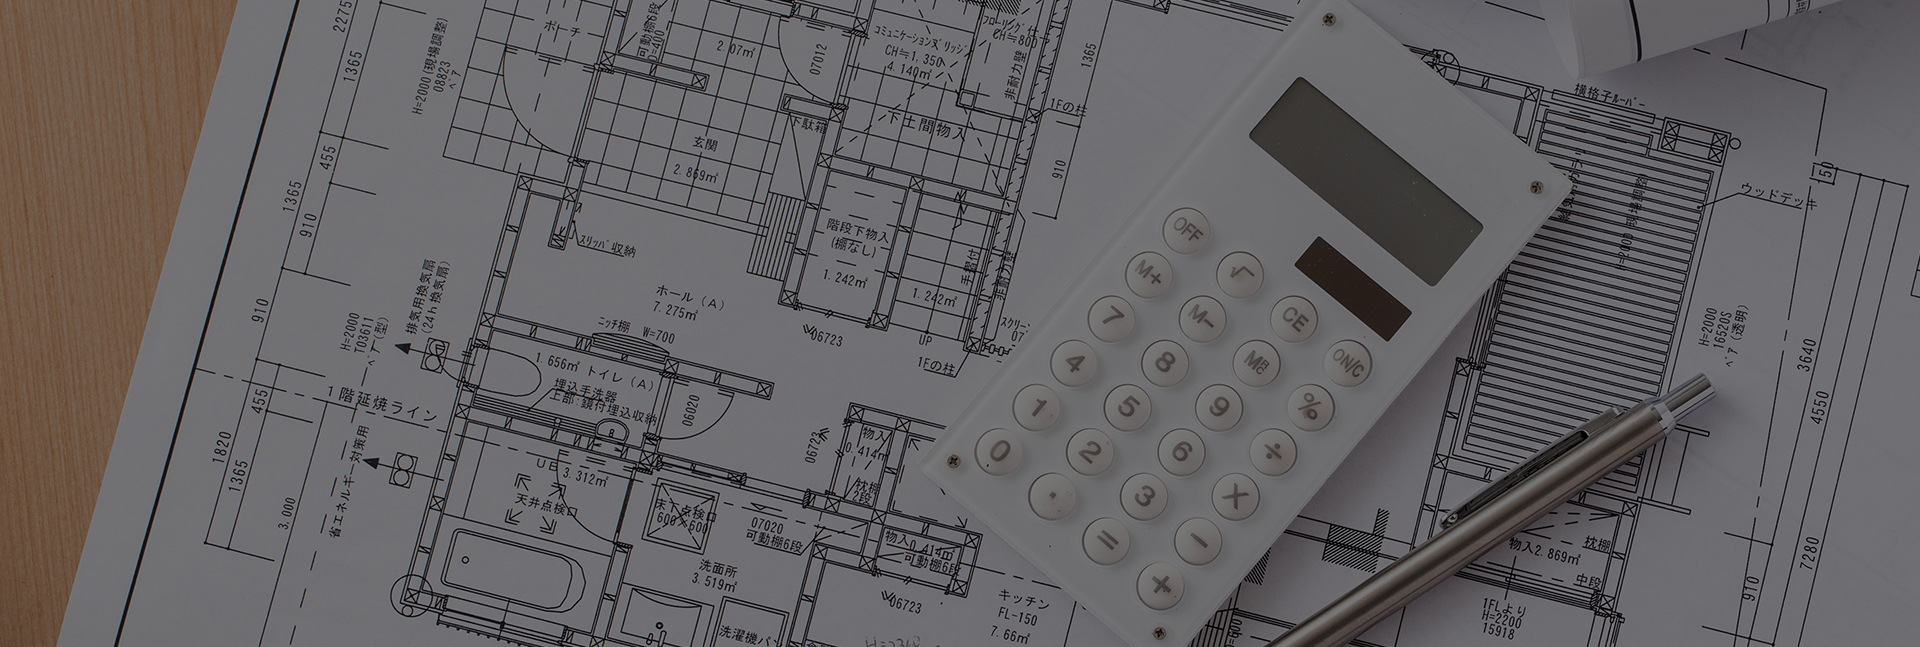 写真:設計図の上に置かれたペンと電卓